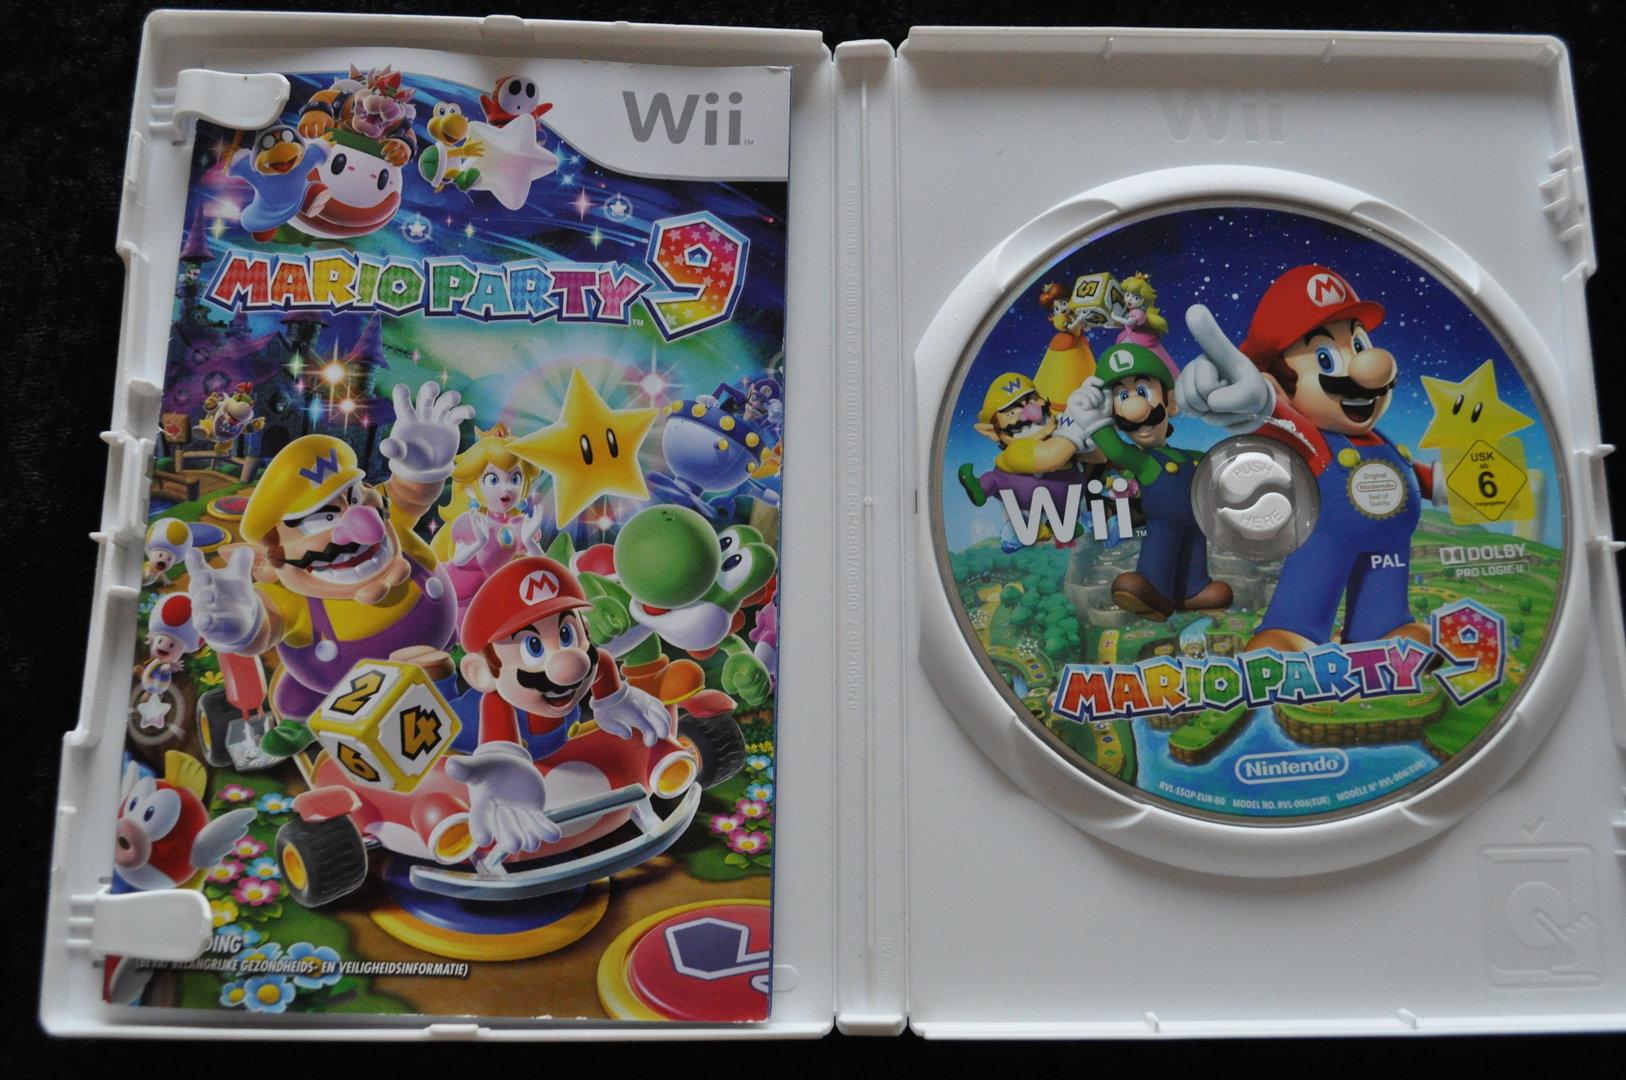 Mario Party 9 Nintendo Wii Retrogamekingcom Retrogames